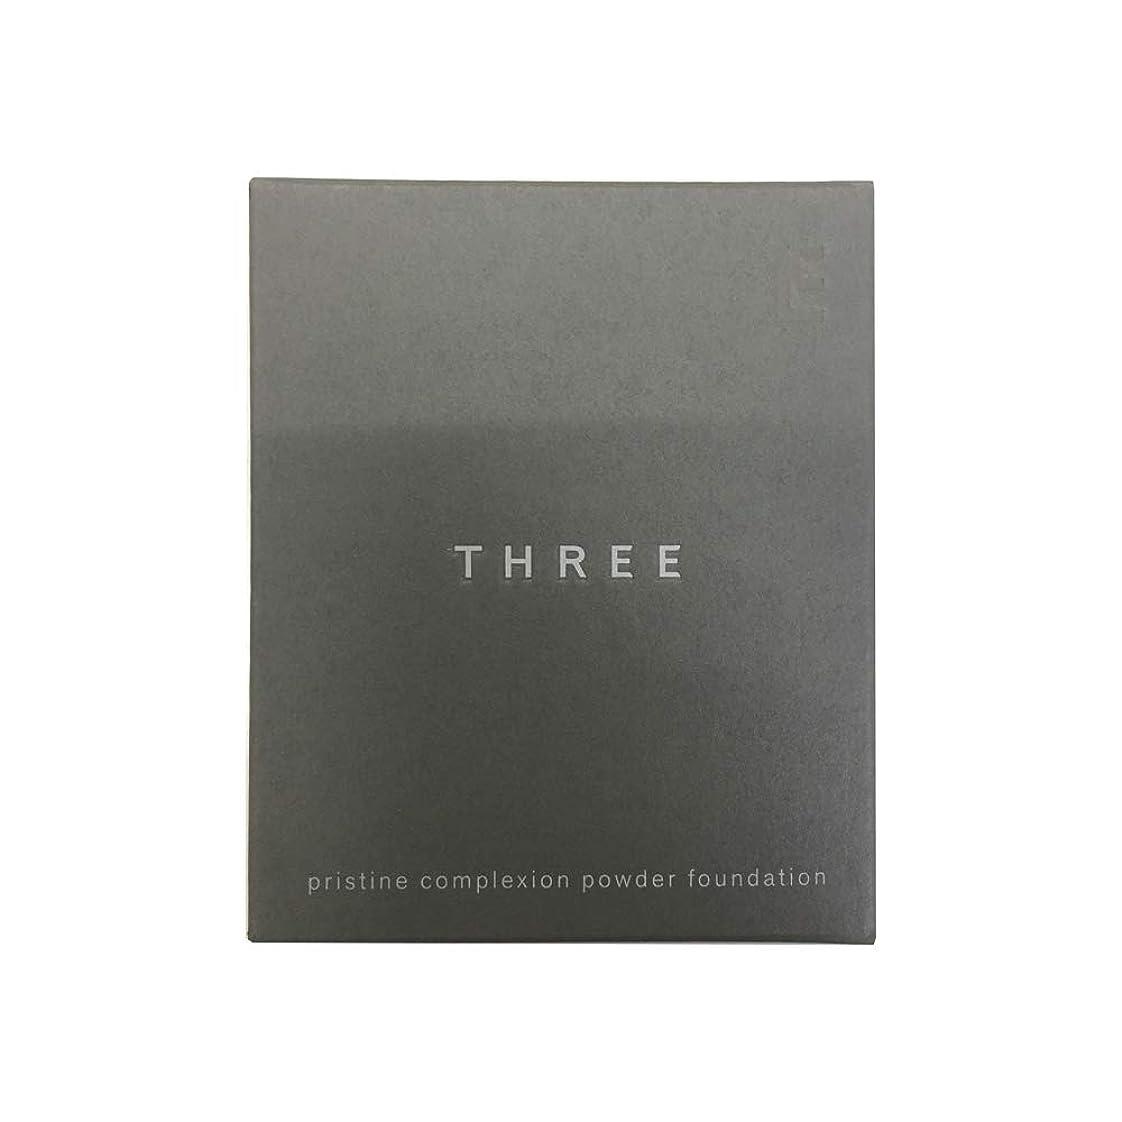 悩み欠如分析的THREE(スリー) プリスティーンコンプレクションパウダーファンデーション #202(リフィル) [ パウダーファンデーション ] [並行輸入品]